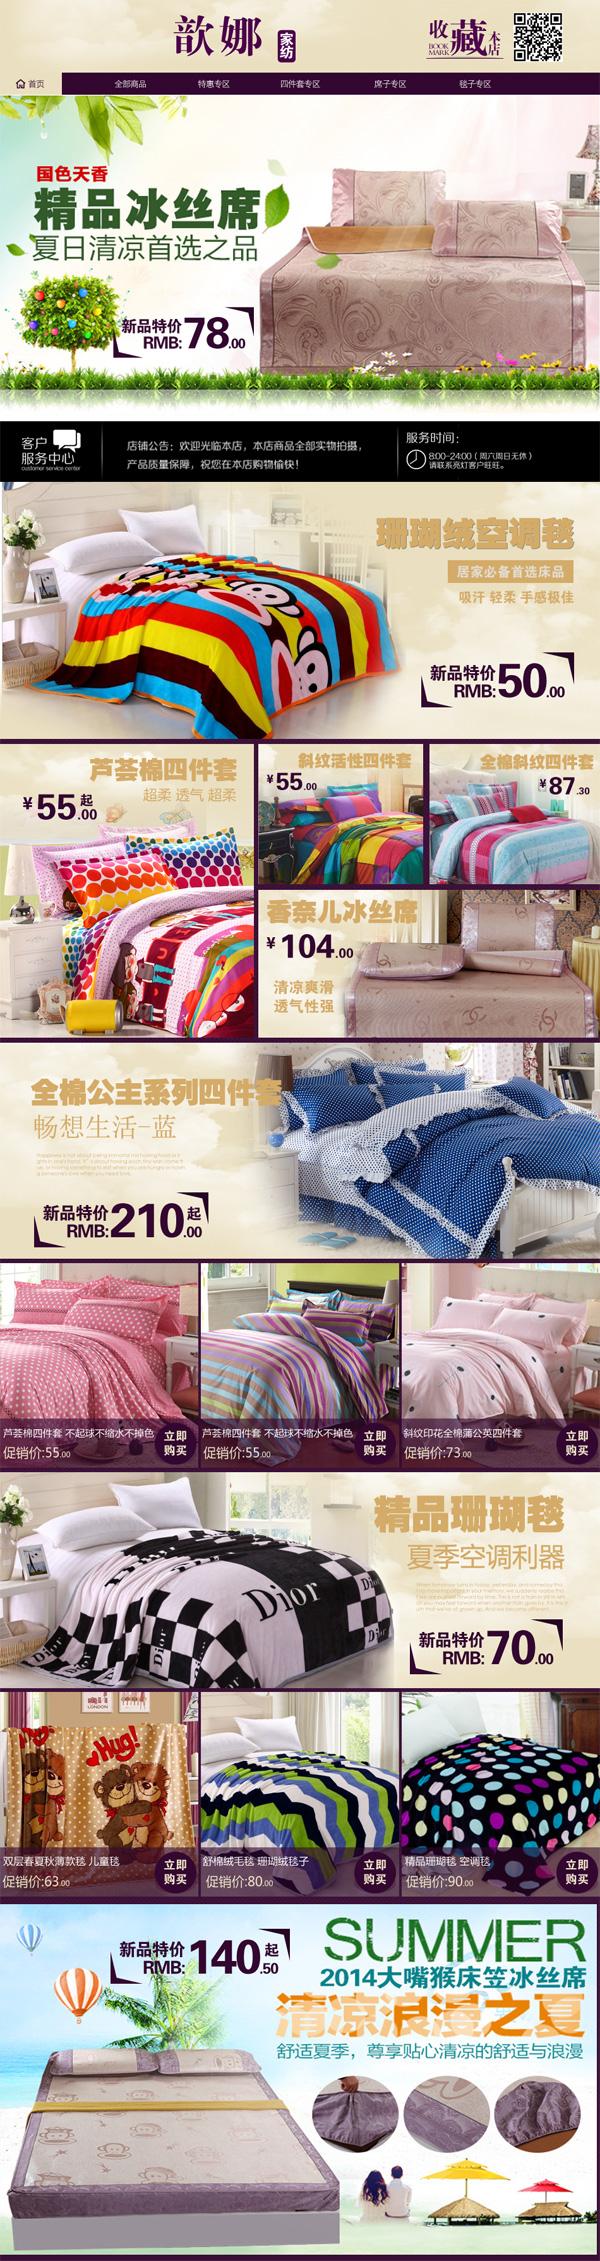 淘宝家纺店铺